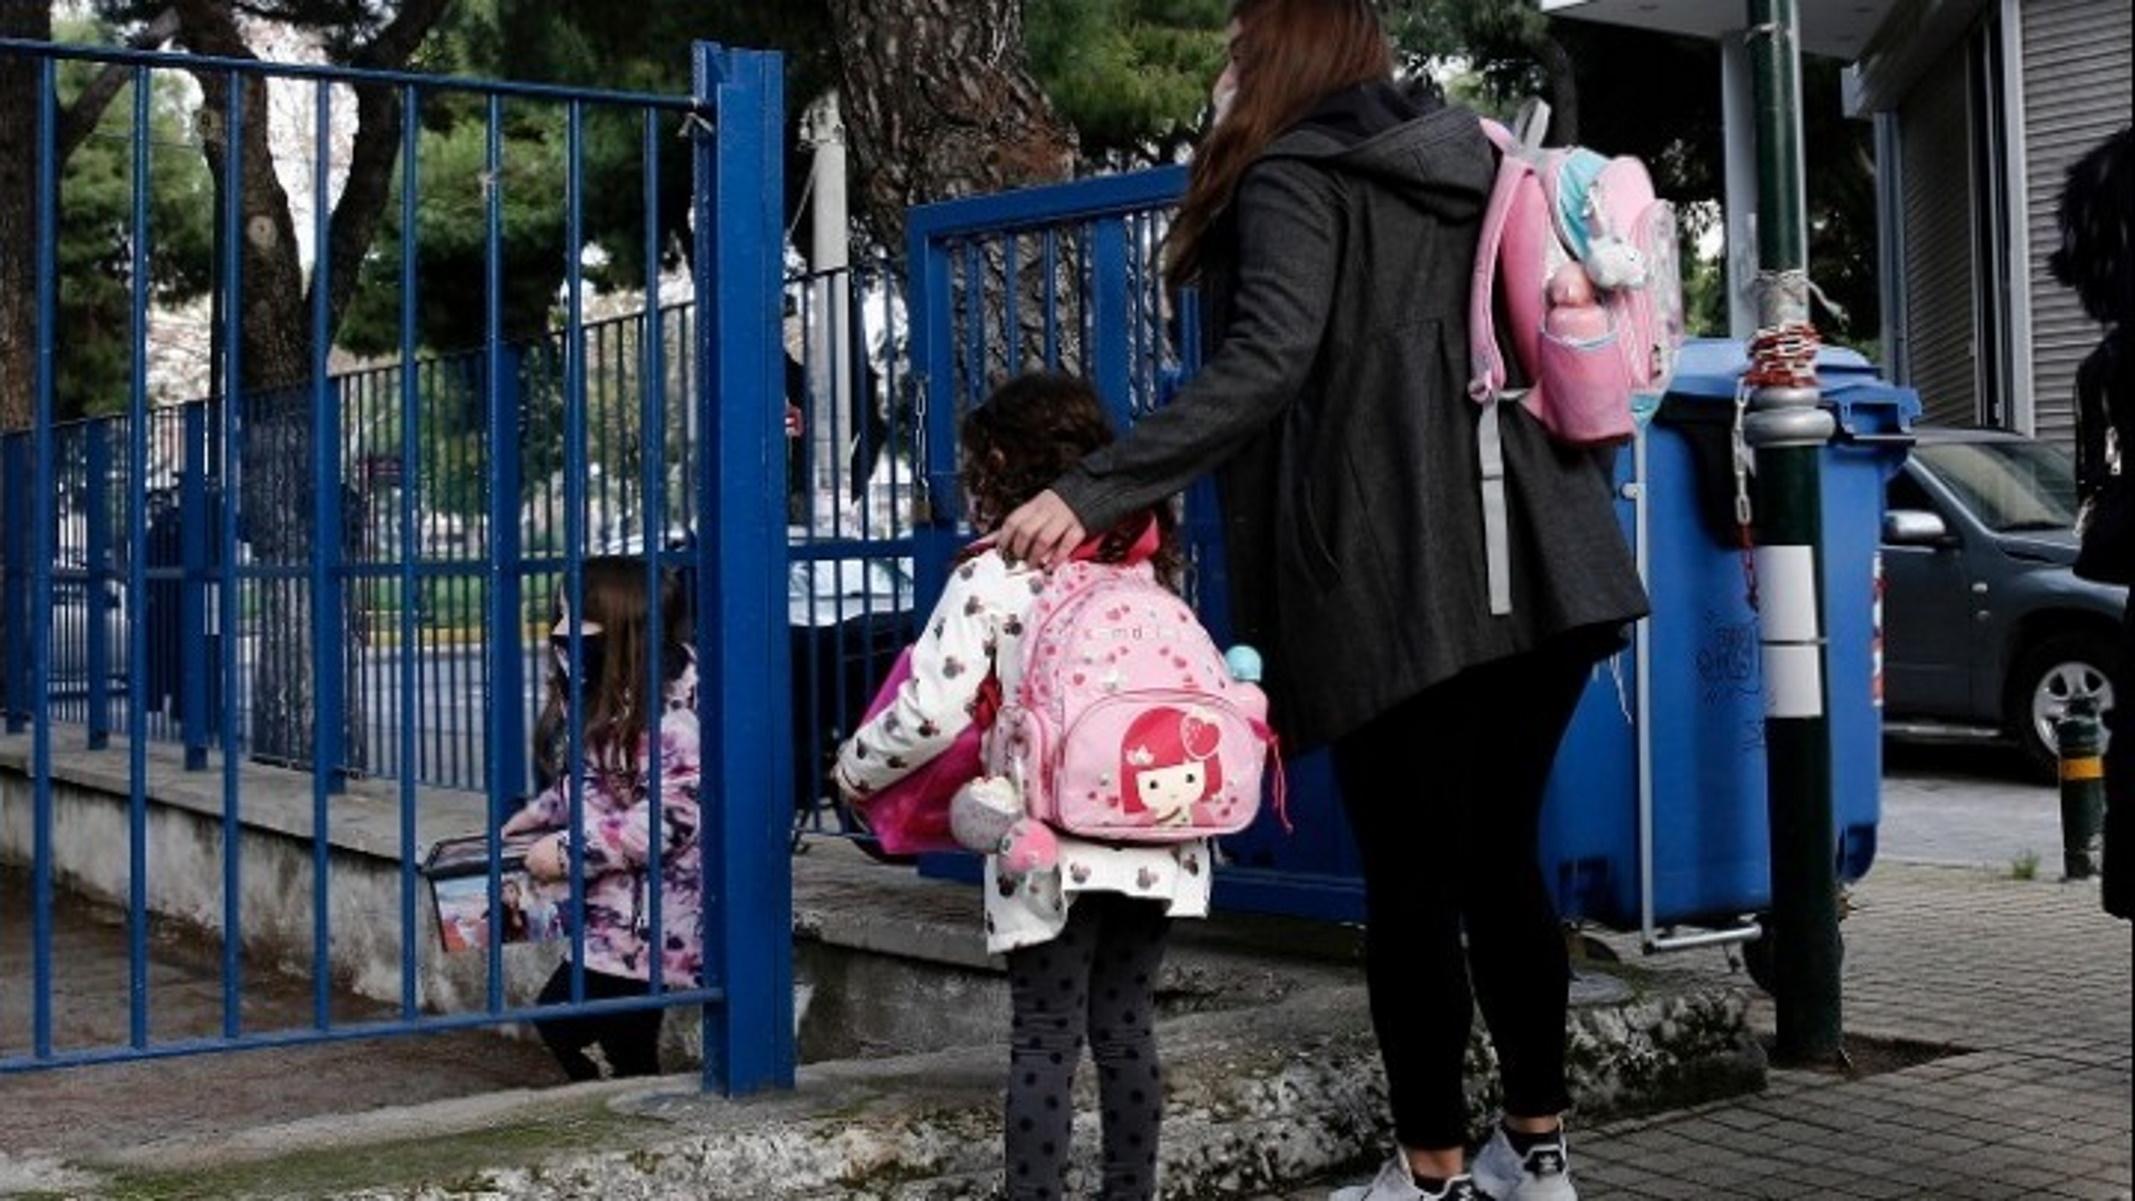 Νέα περιπέτεια με σχολικό – Έβαλαν κοριτσάκια σε λάθος λεωφορείο – Τρελάθηκαν οι γονείς